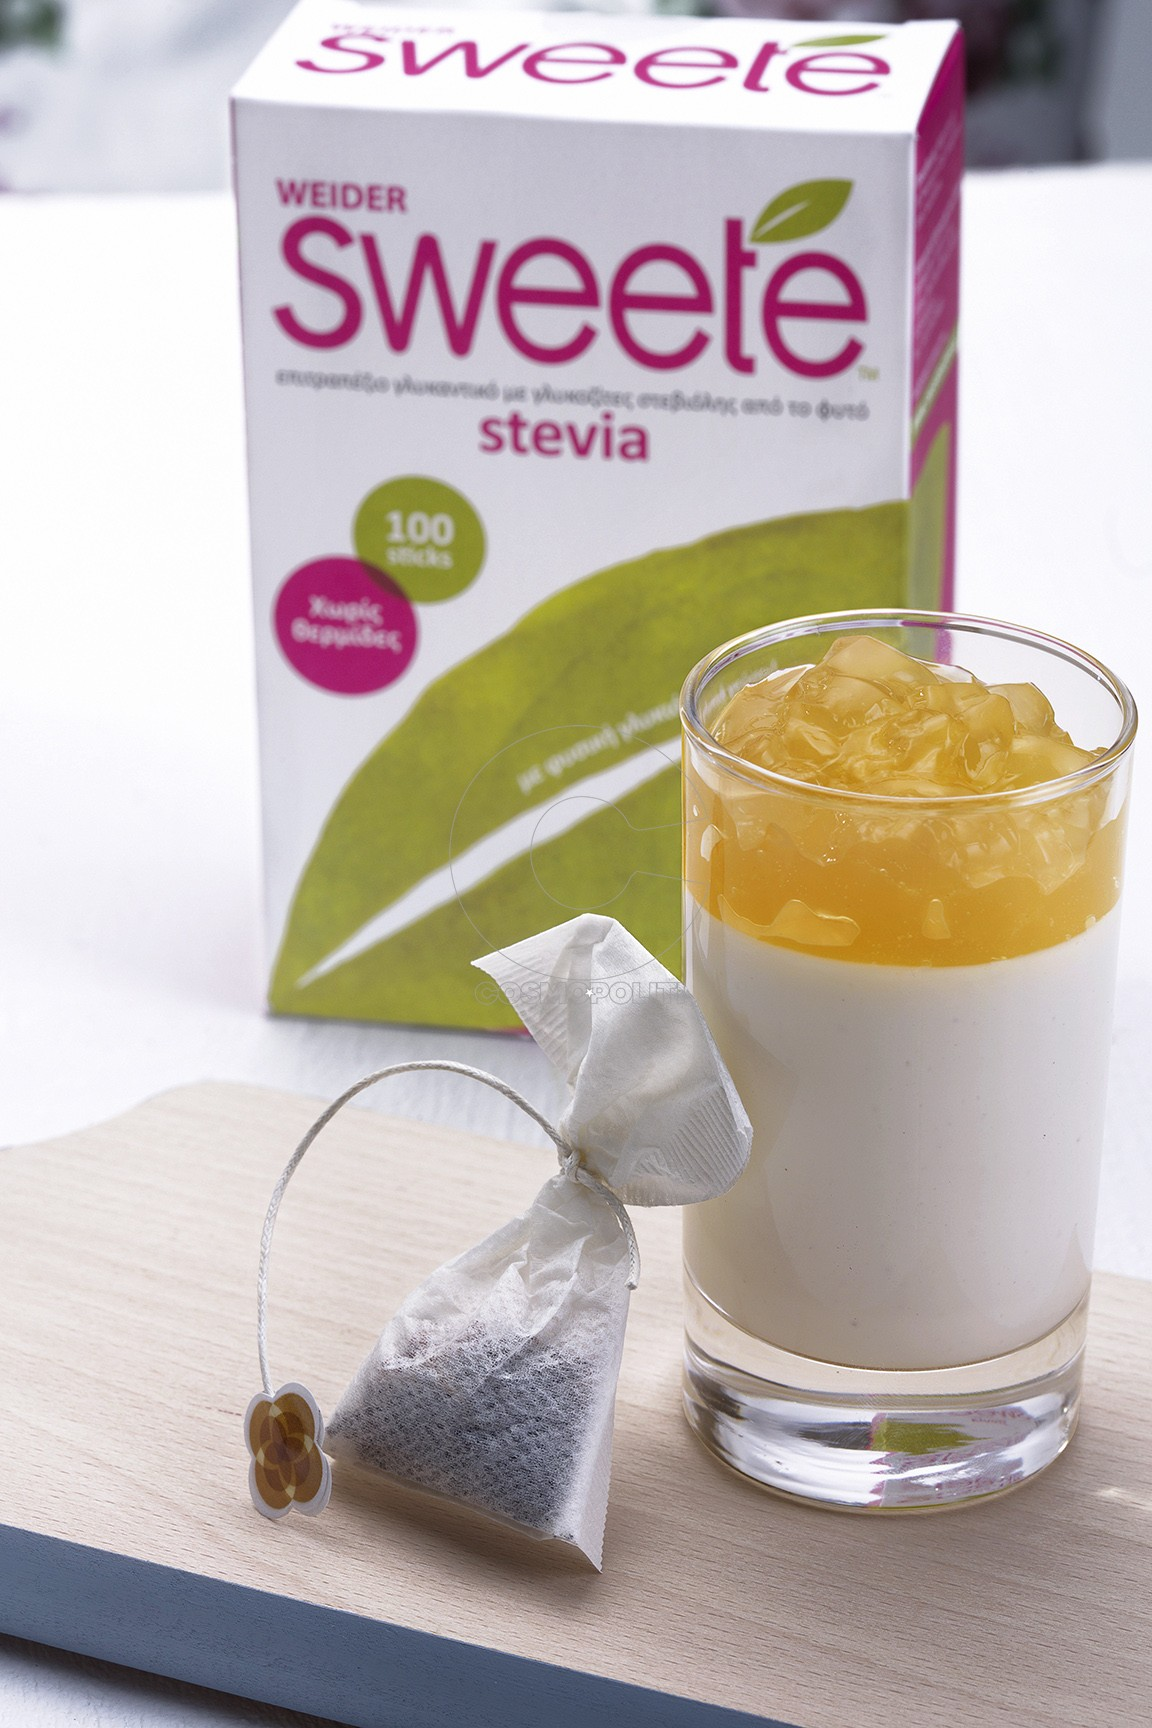 Πανακότα με γιαούρτι και τσάι γιασεμί